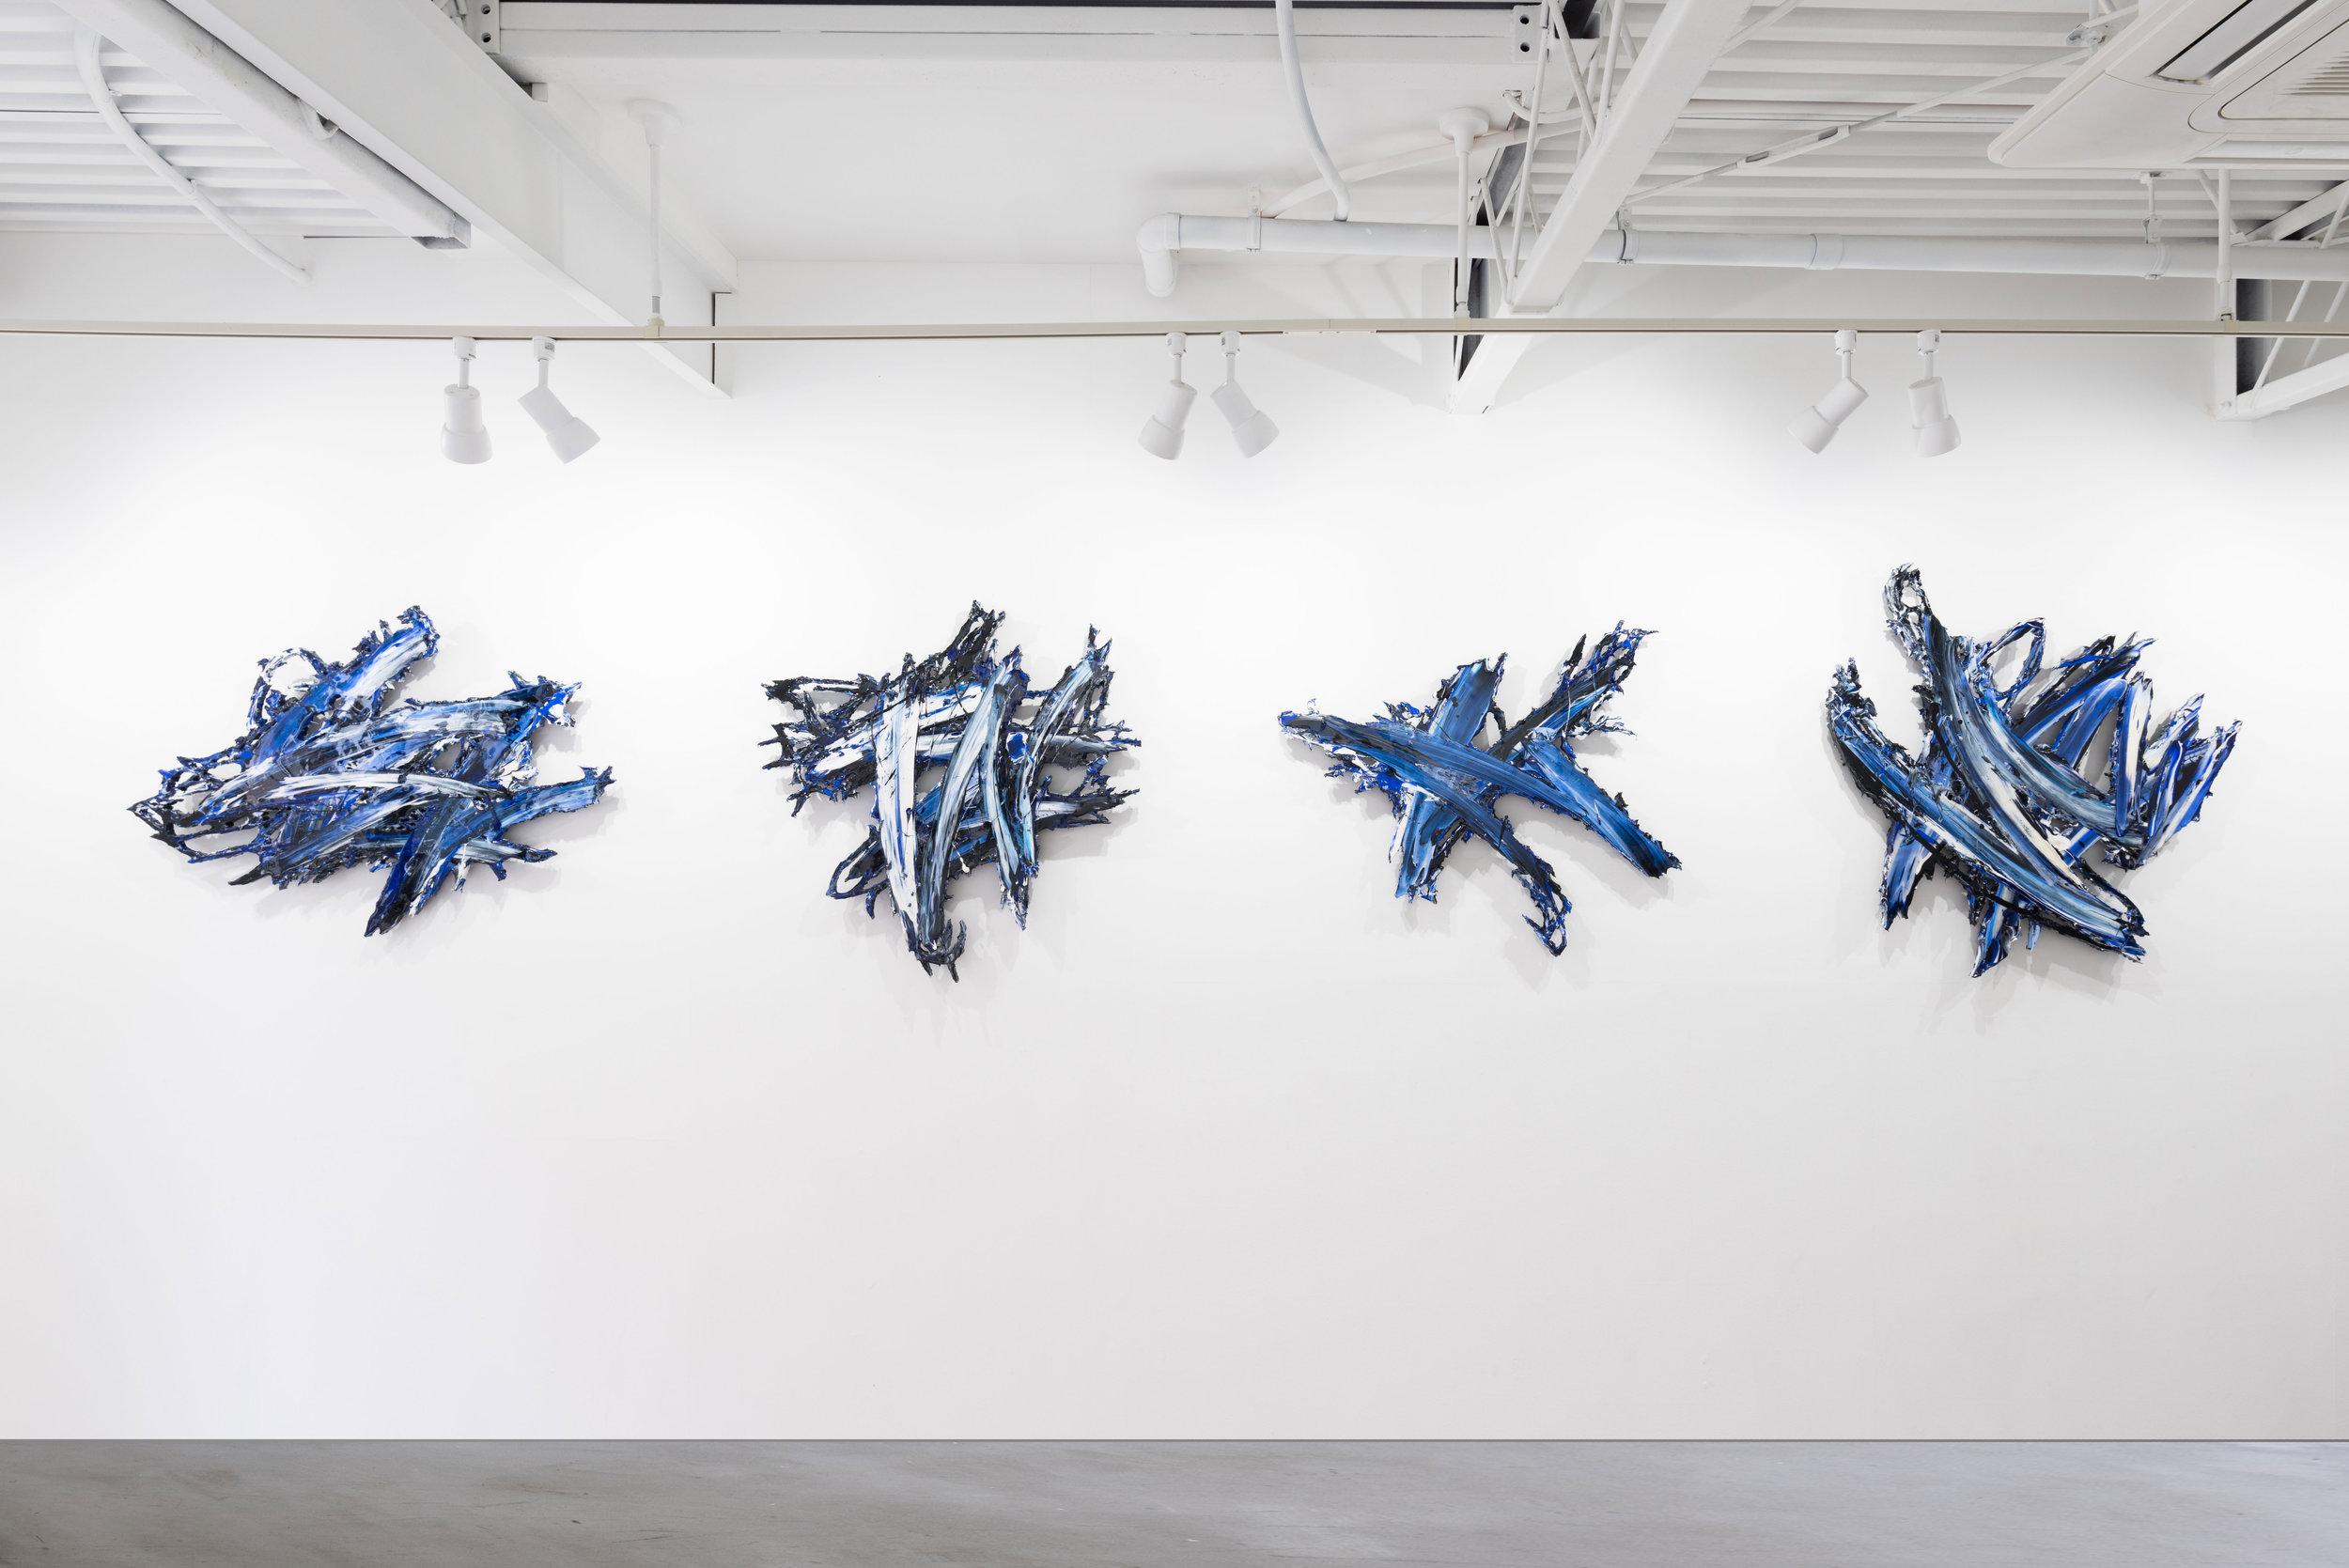 Installation View - MEGURU YAMAGUCHI EXHIBITION「イメージの力」at   QUIET NOISE  arts & break  .2017